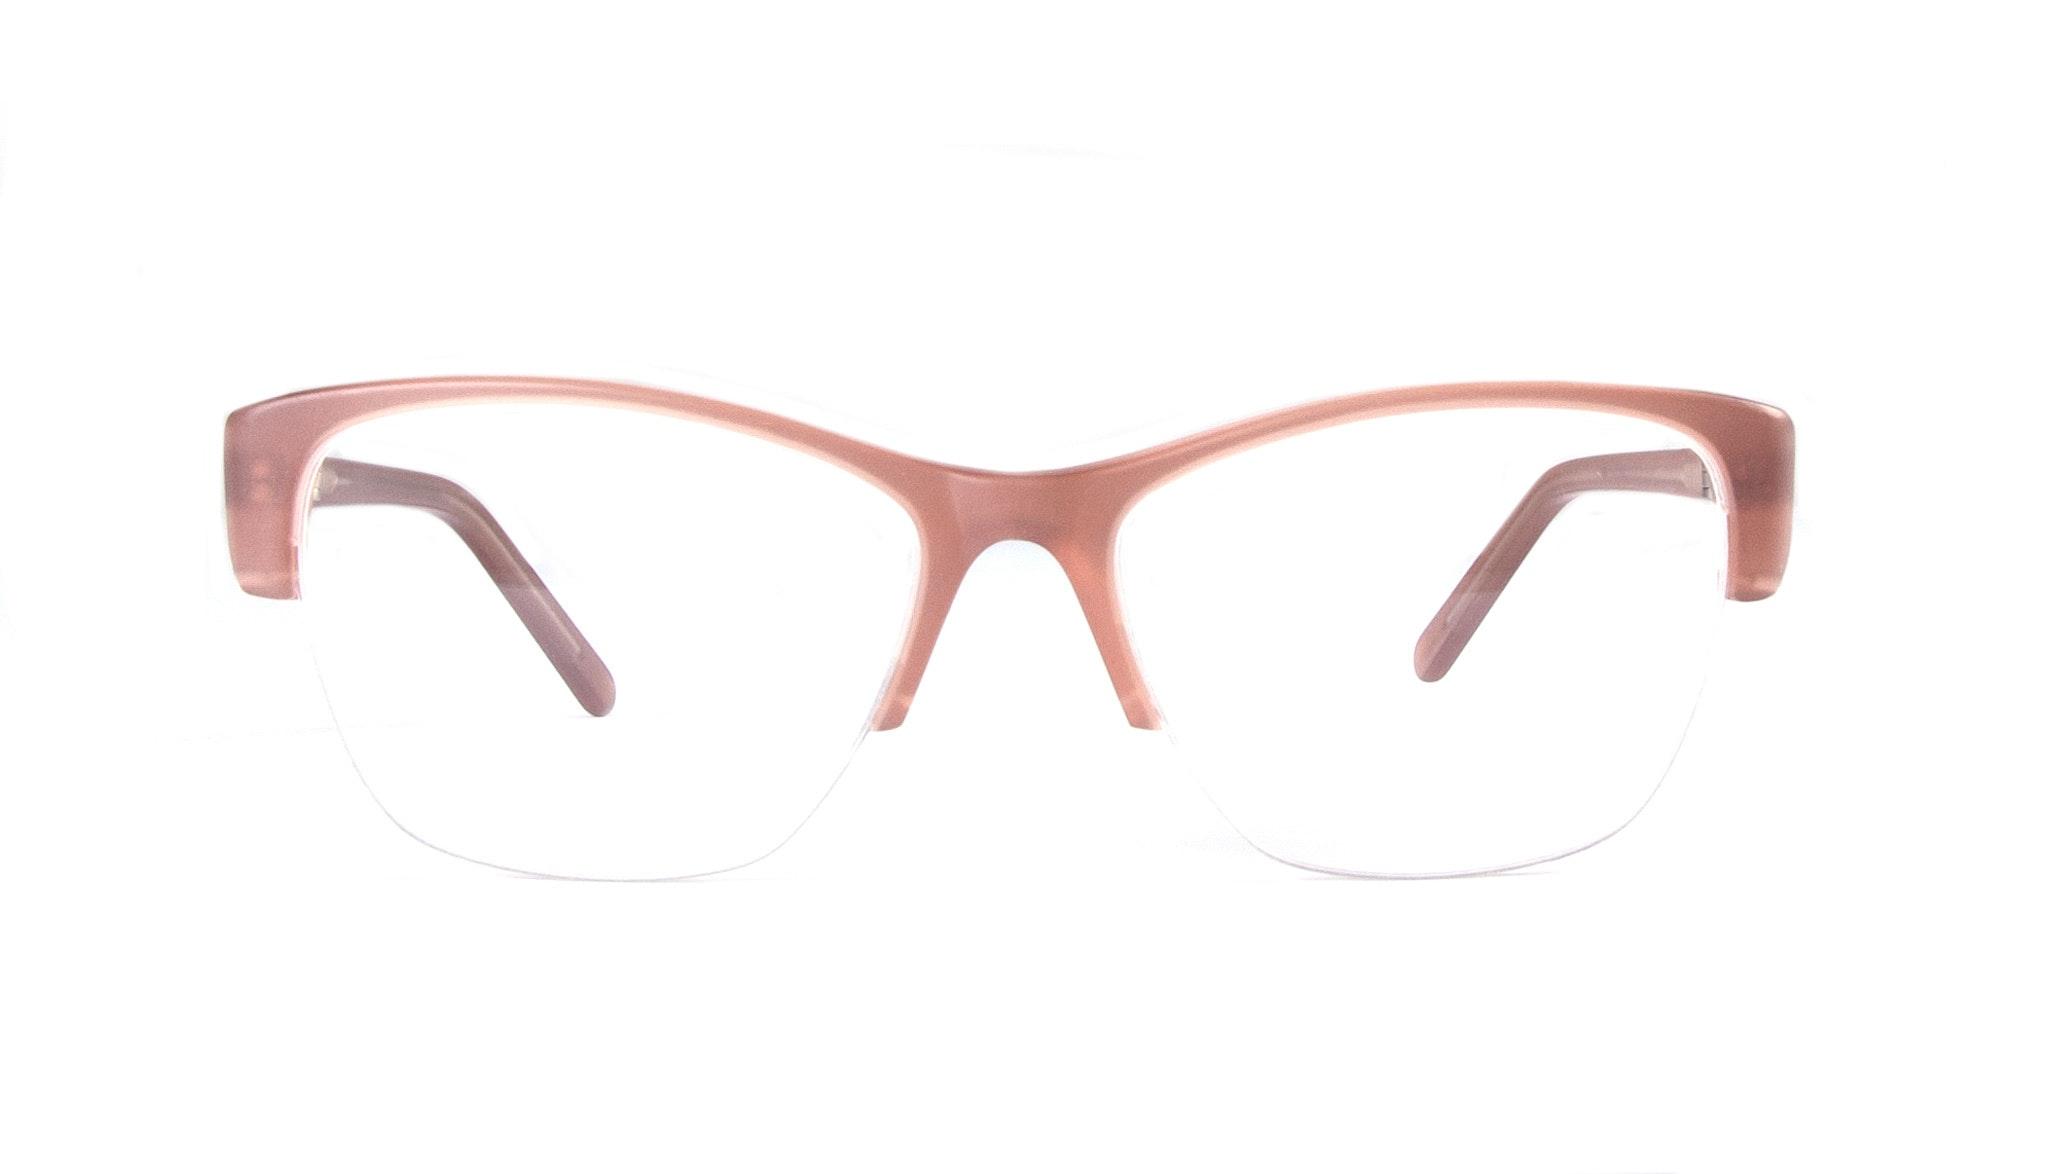 Lunettes tendance Oeil de chat Demi-Montures Optiques Femmes Myrtle Light Old Rose